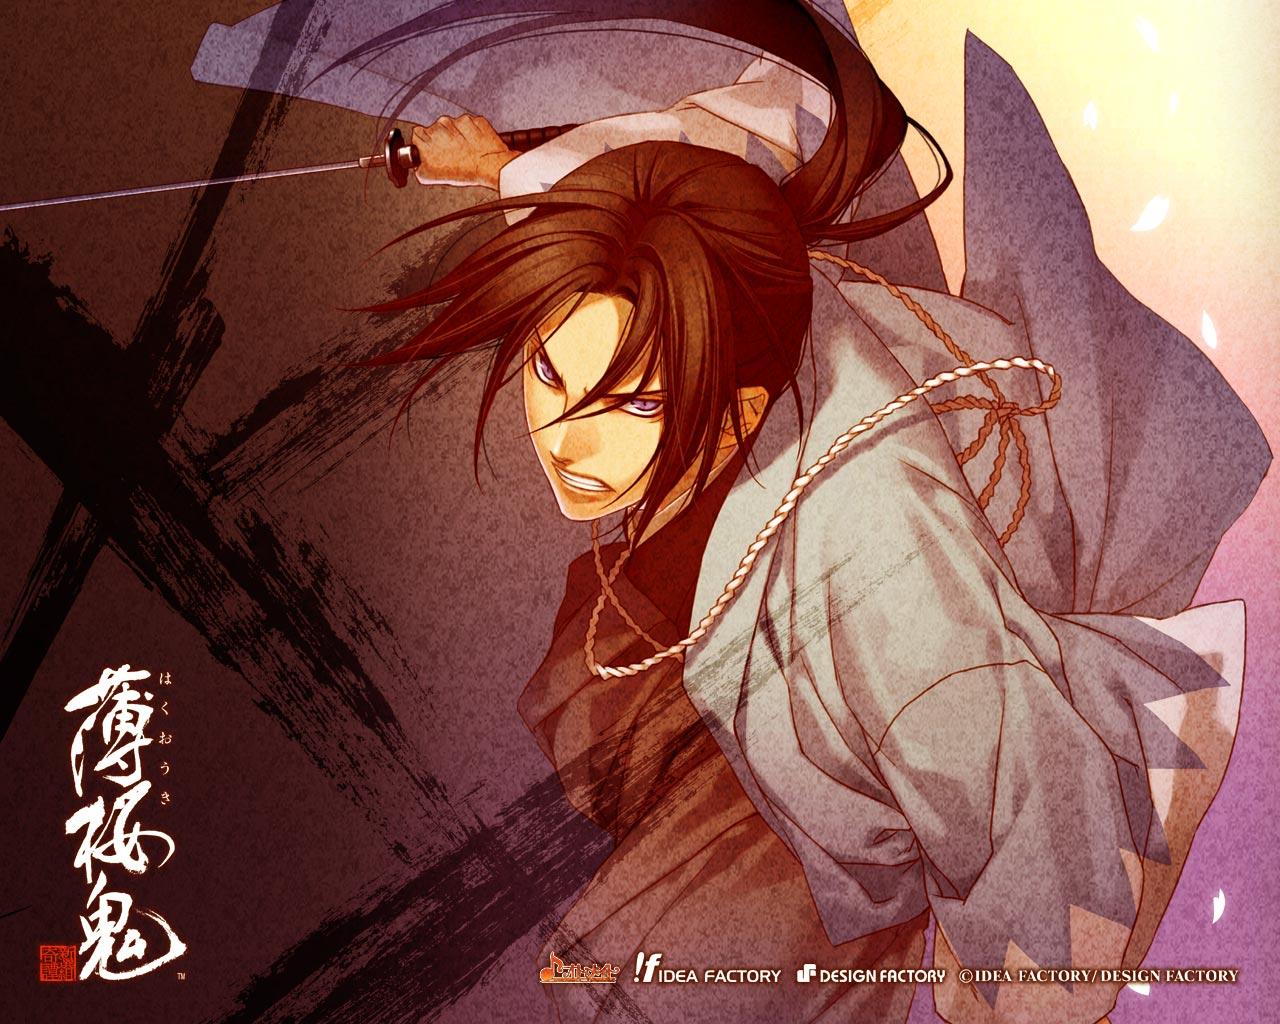 http://2.bp.blogspot.com/_jV241FFac4E/TTpHVKASZJI/AAAAAAAAAvY/bvQchn01vZI/s1600/hakuouki_hijikata_toshizou_wallpaper_1280x1024.jpg